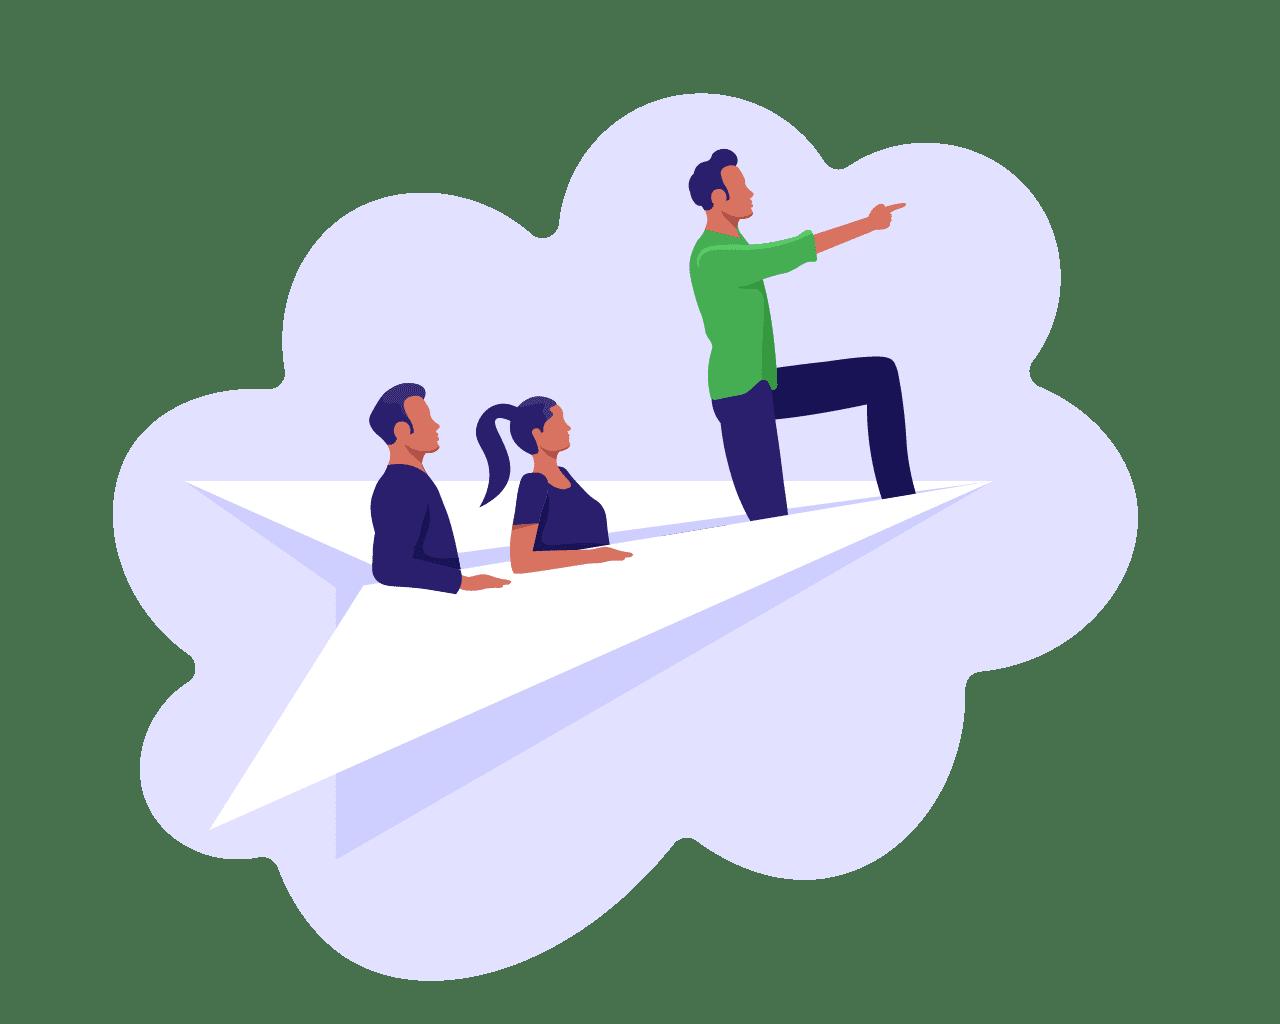 scrum values illustratie waarden